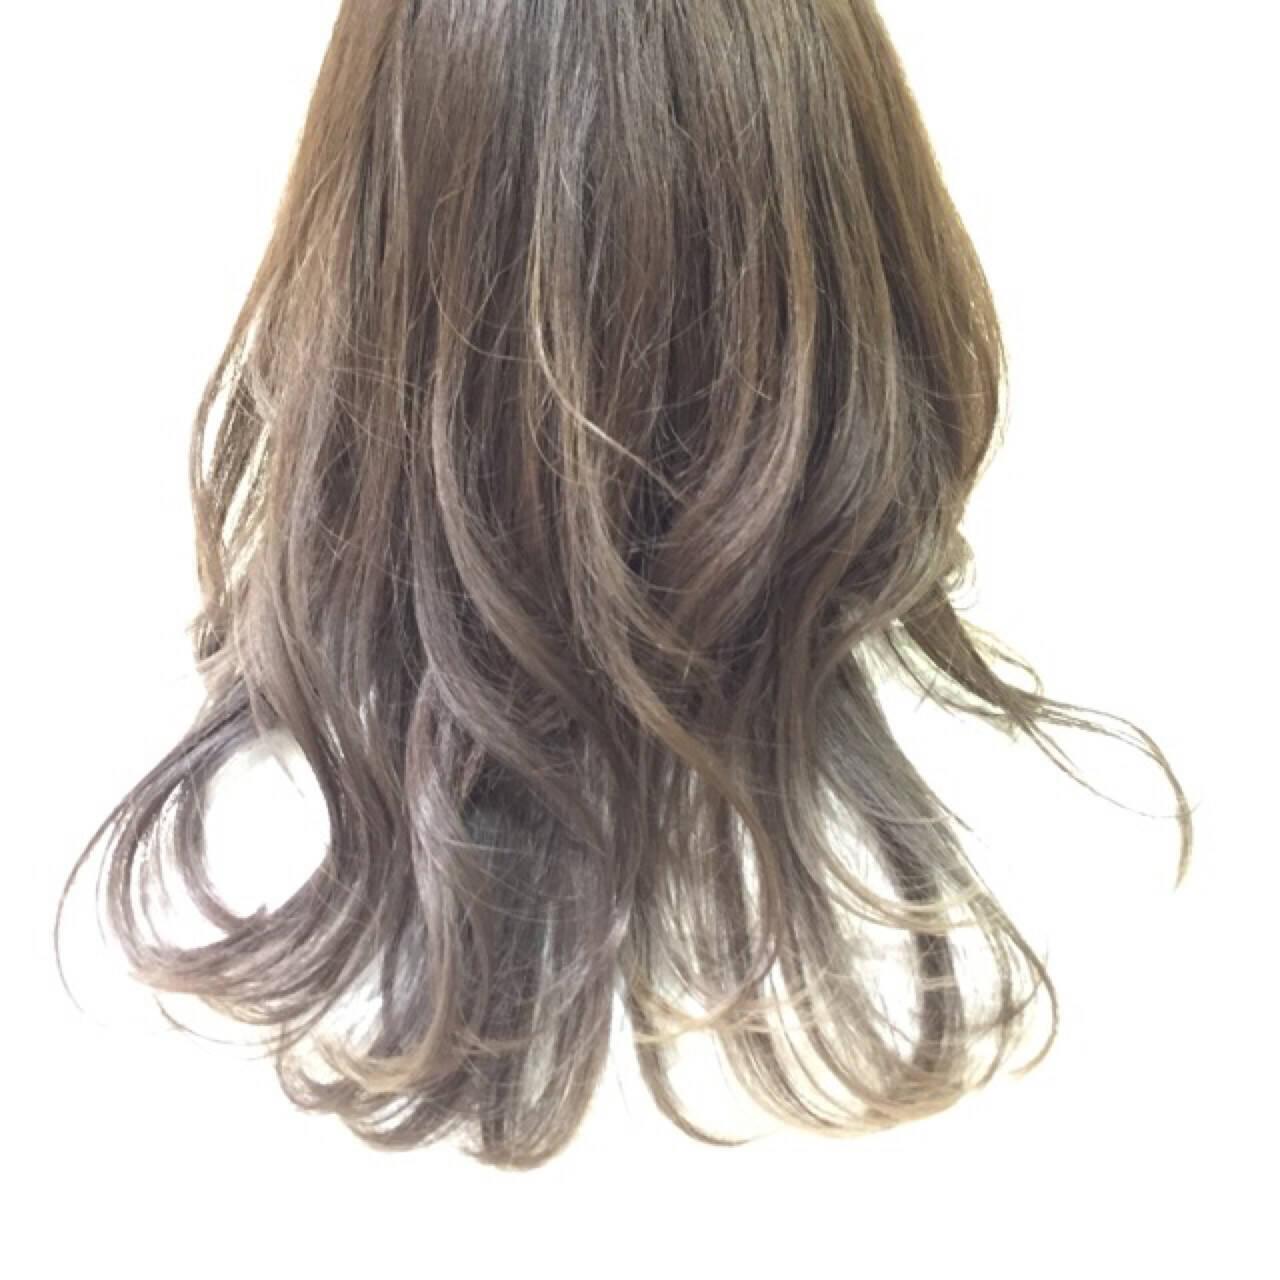 グラデーションカラー ストリート セミロング 暗髪ヘアスタイルや髪型の写真・画像